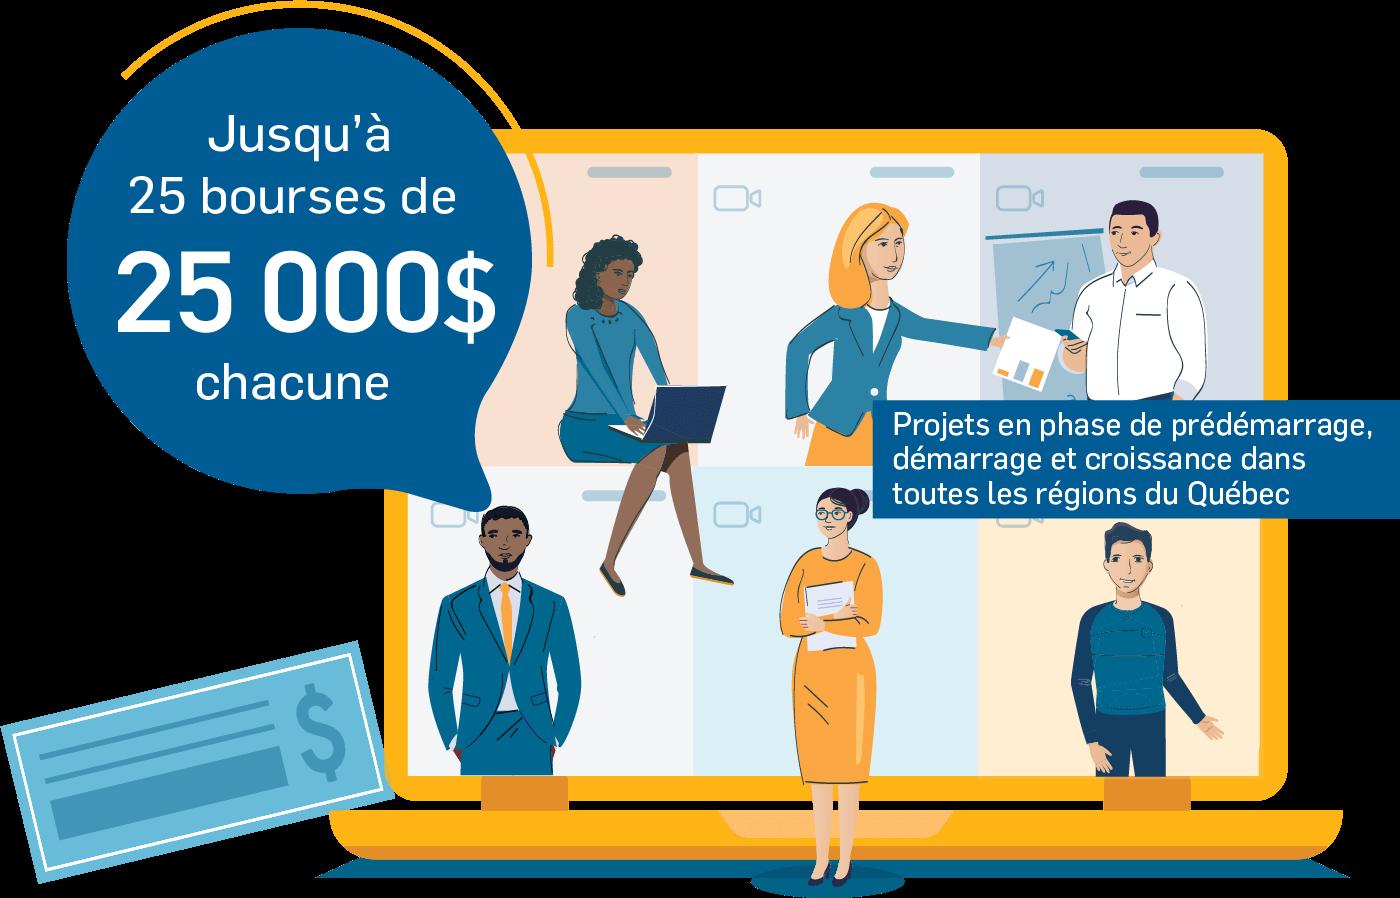 Jusqu'à 25 bourses de 25 000$ chacune. Projets en phase de prédémarrage, démarrage et croissance dans toutes les régions du Québec.